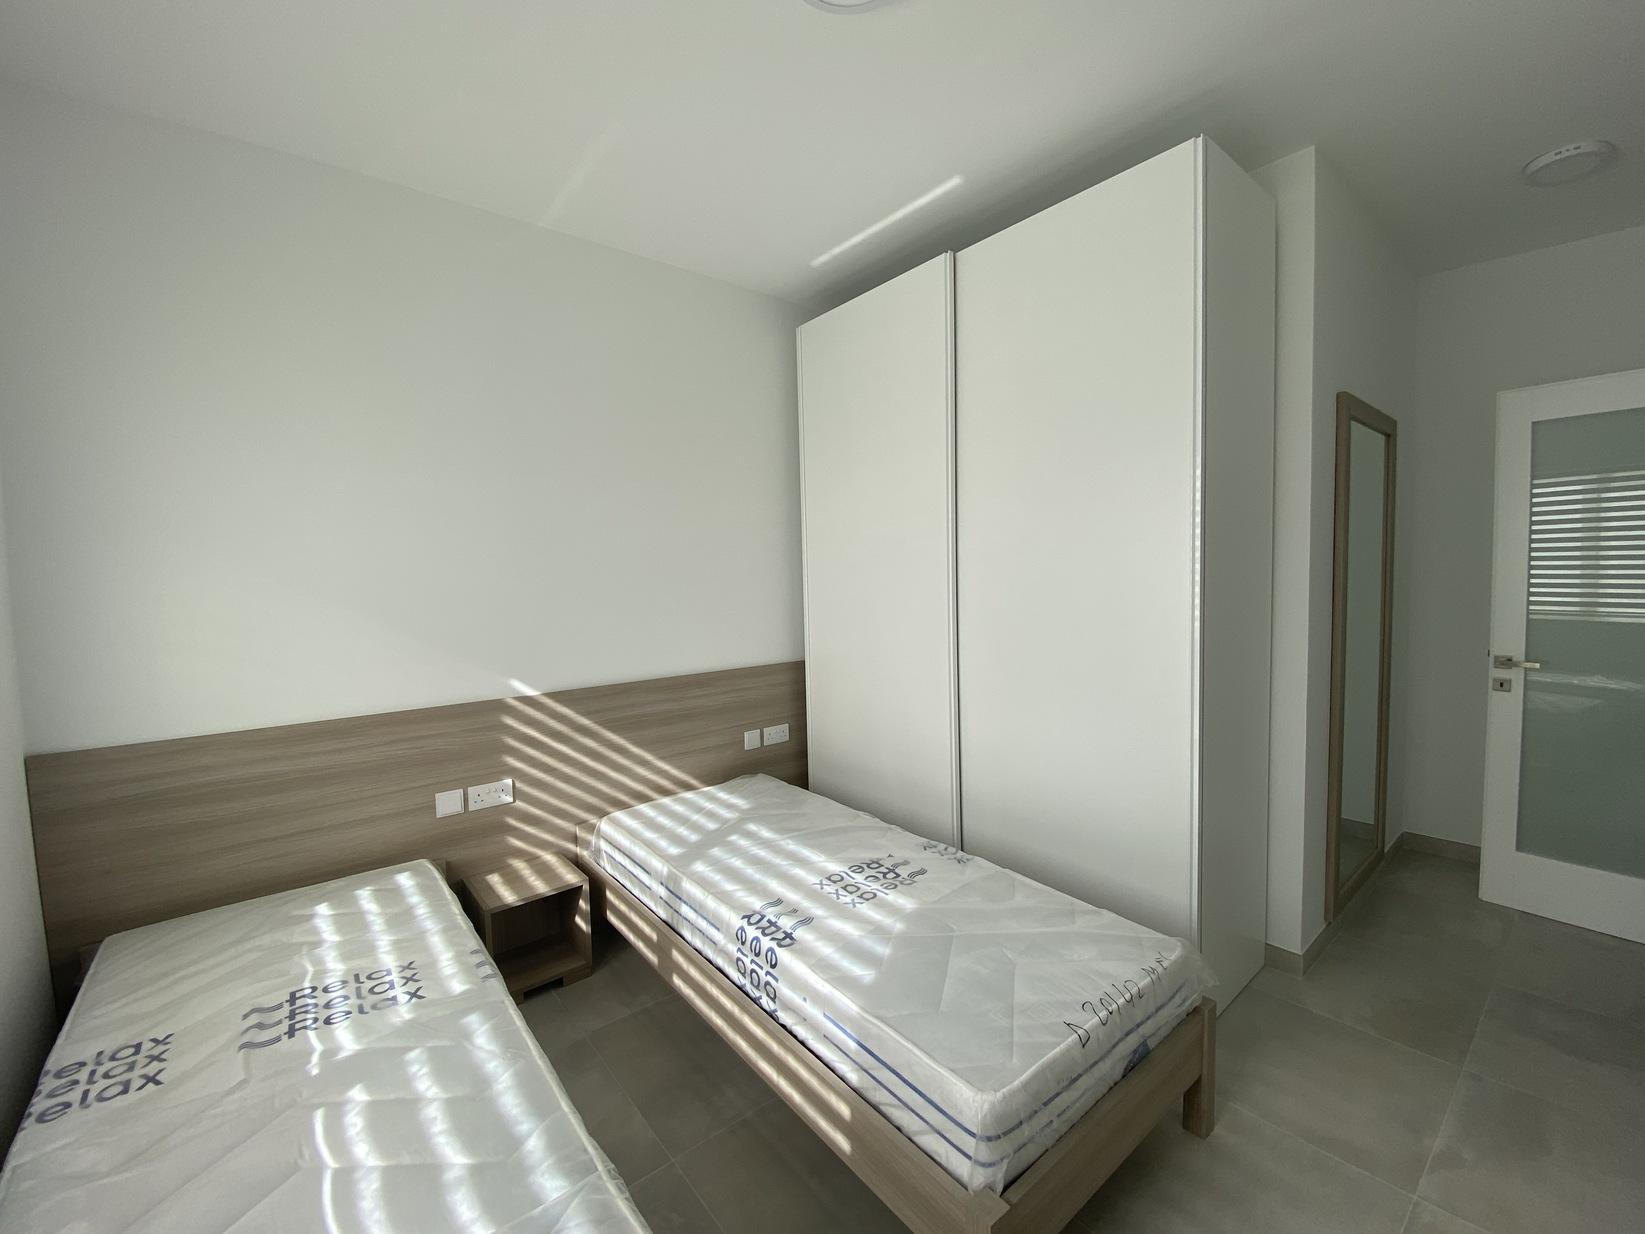 3 bed Apartment For Rent in Lija, Lija - thumb 11